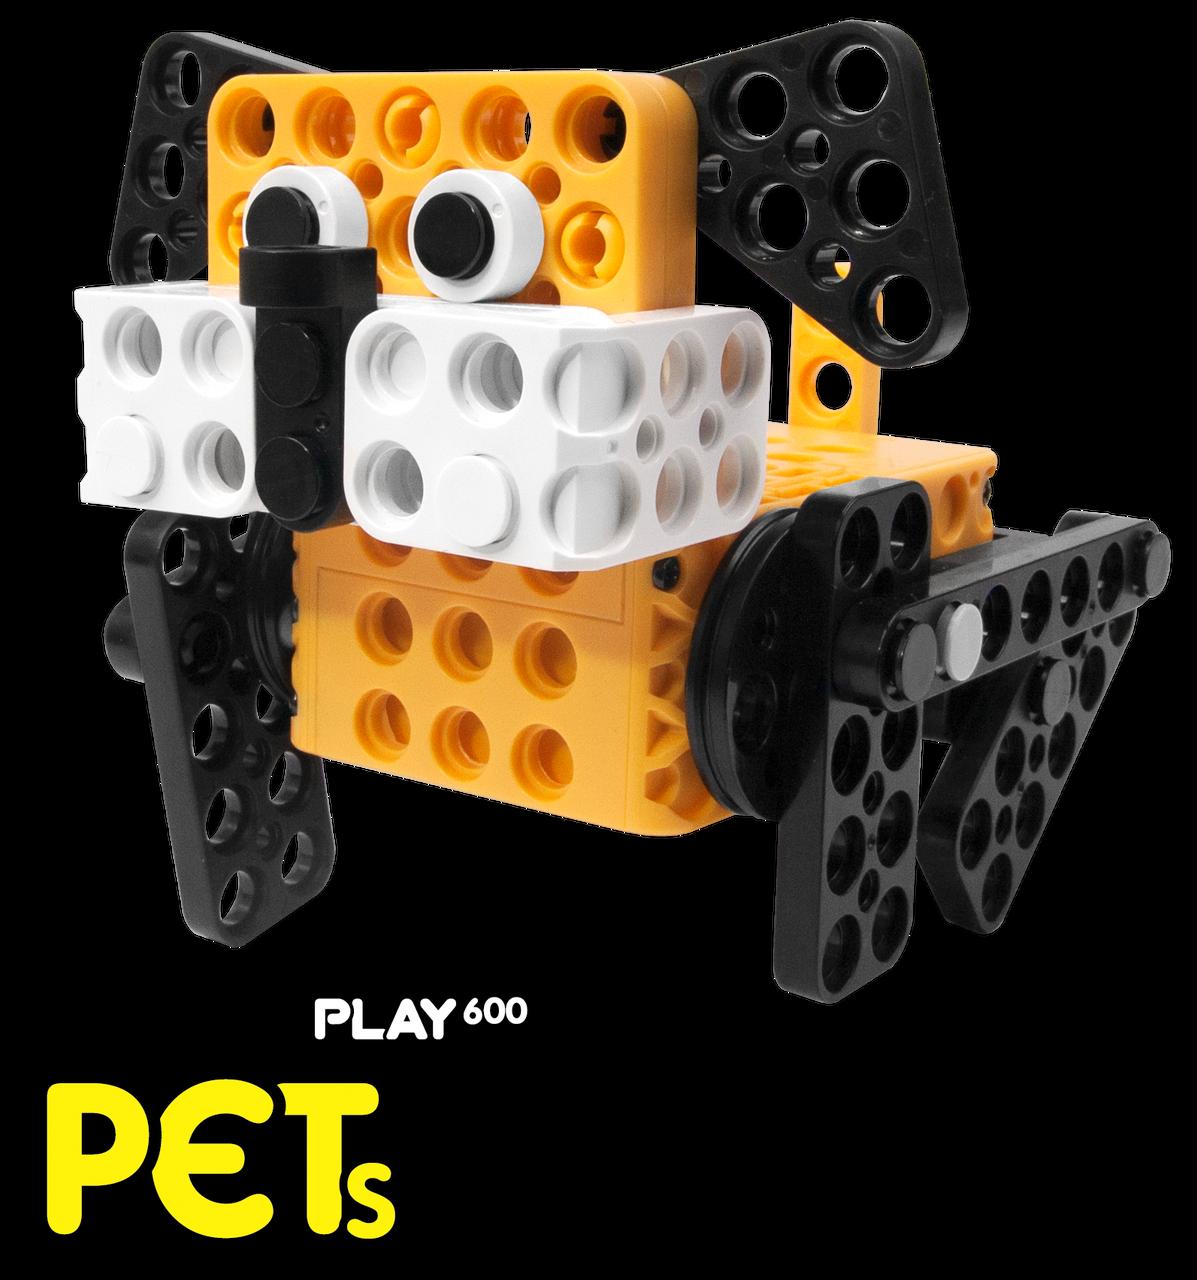 ROBOTIS PLAY 600 PETs